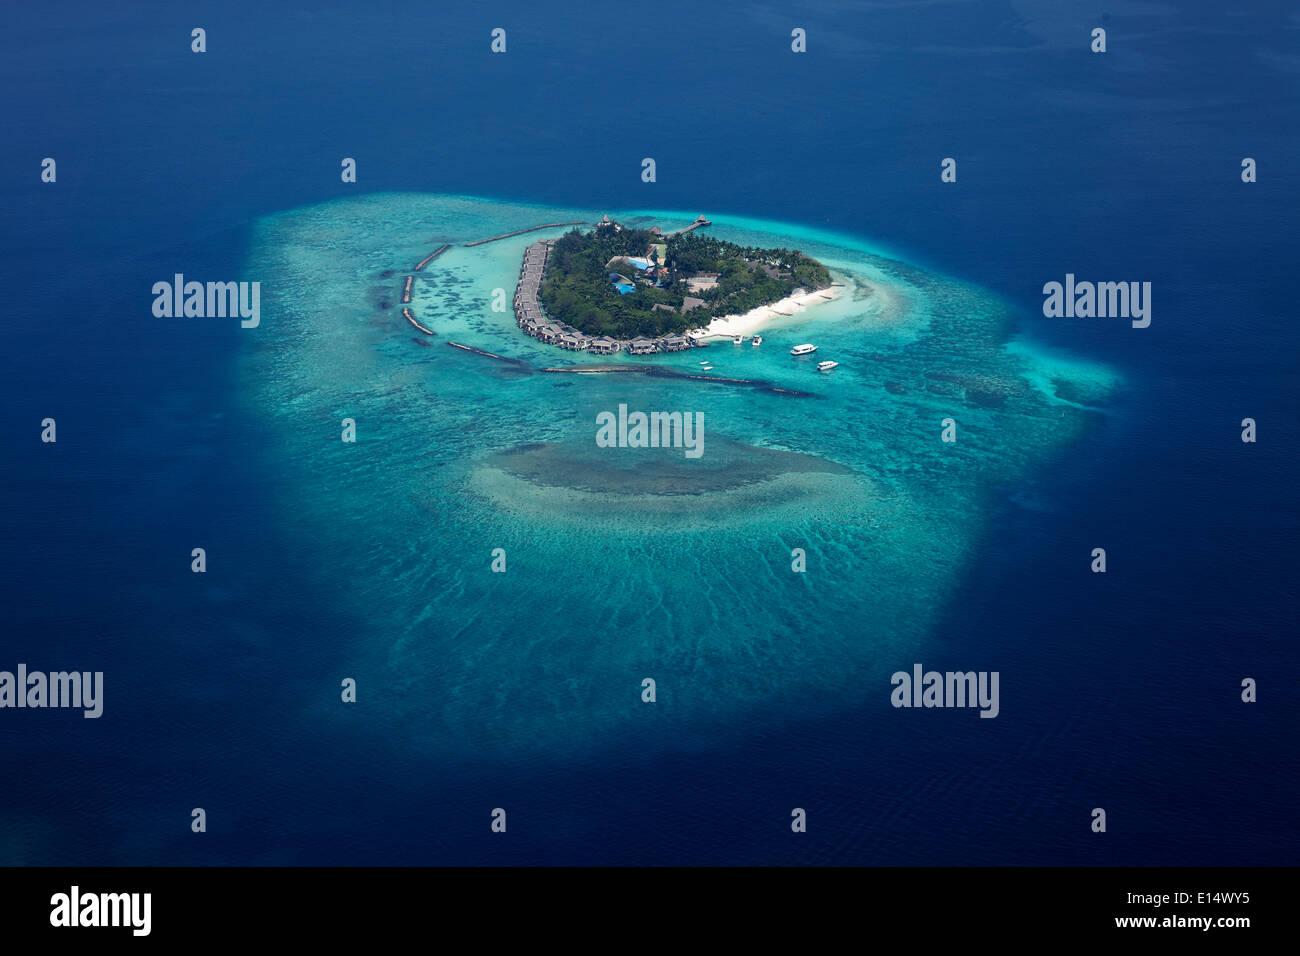 Vista aerea, isola nell'Oceano Indiano, Maldive Immagini Stock